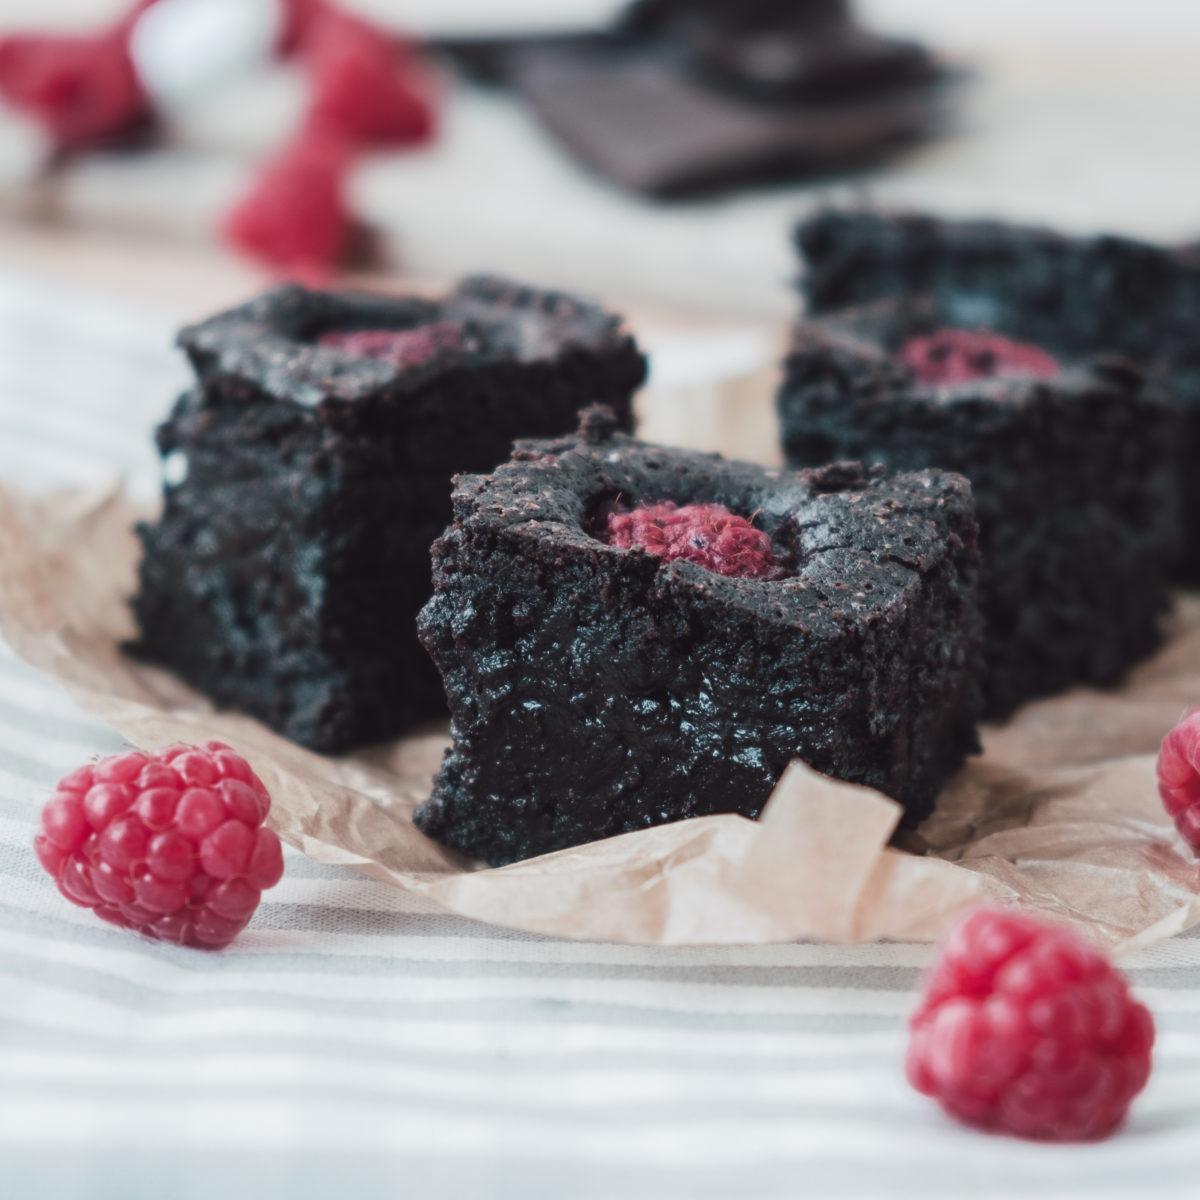 Brownies smalinami